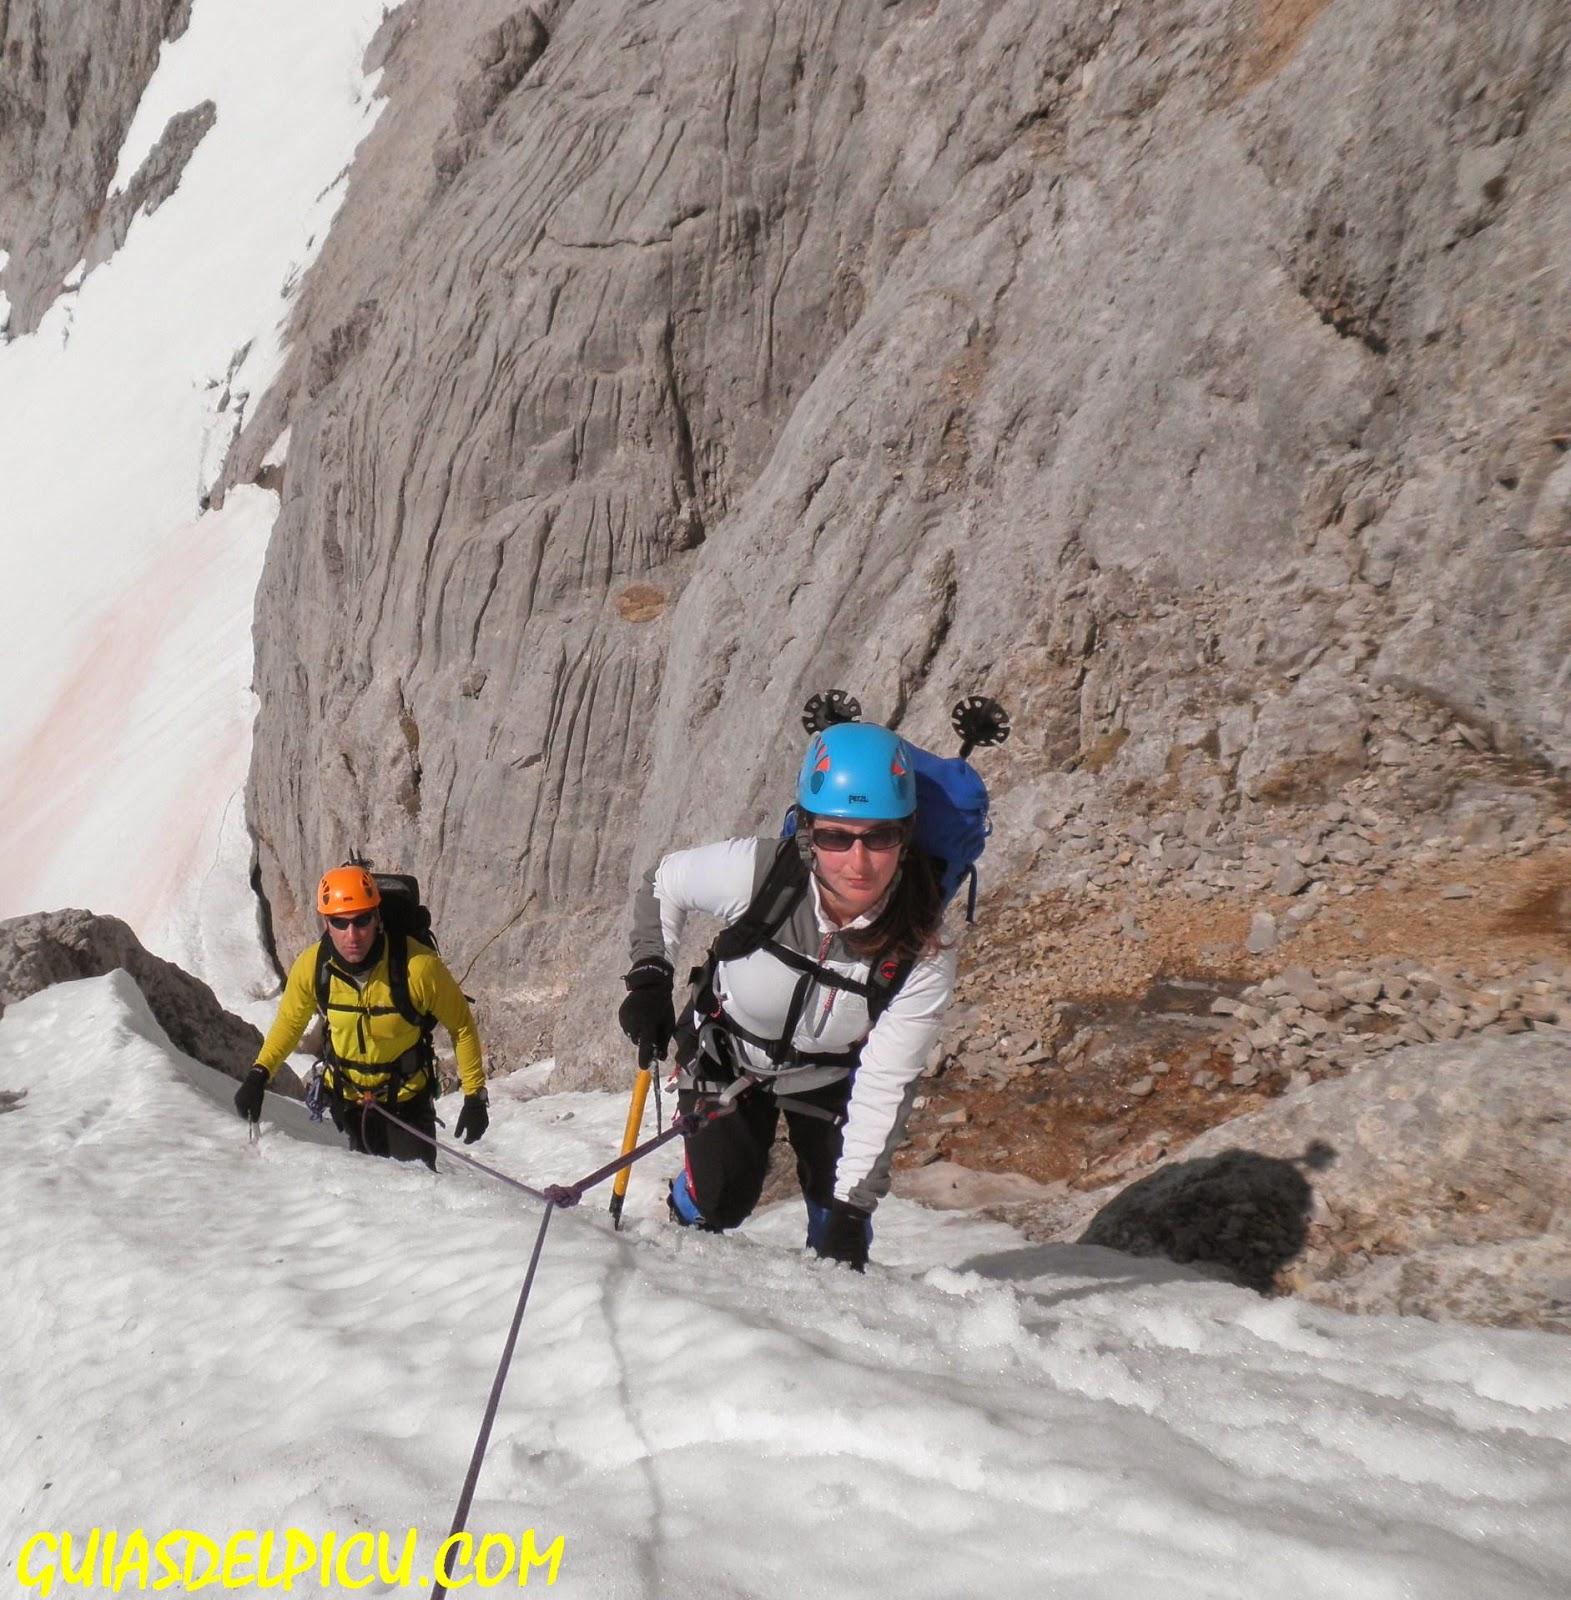 Guias de montaña de Picos de Europa, Fernando Calvo gonzalez Guia de alta montaña , Guiasdelpicu.com